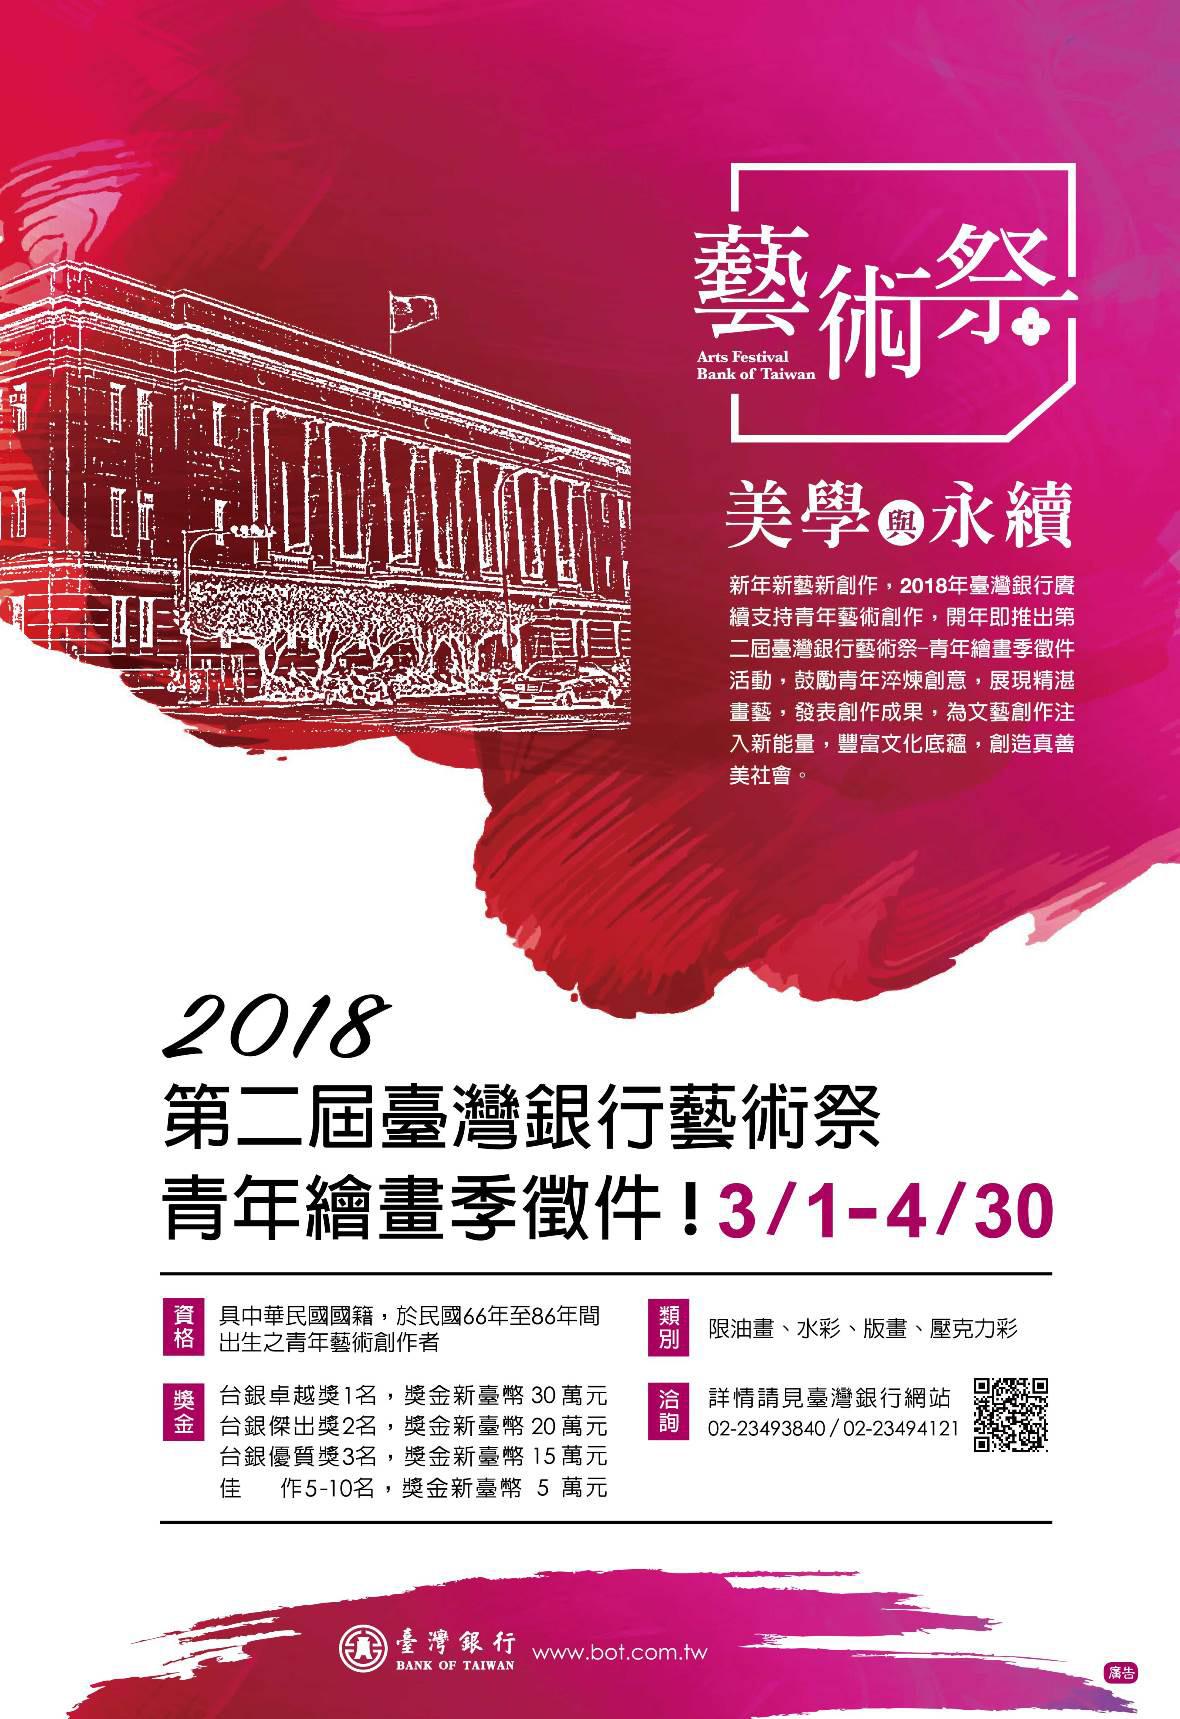 2018第二屆臺灣銀行藝術祭「青年繪畫季」徵件